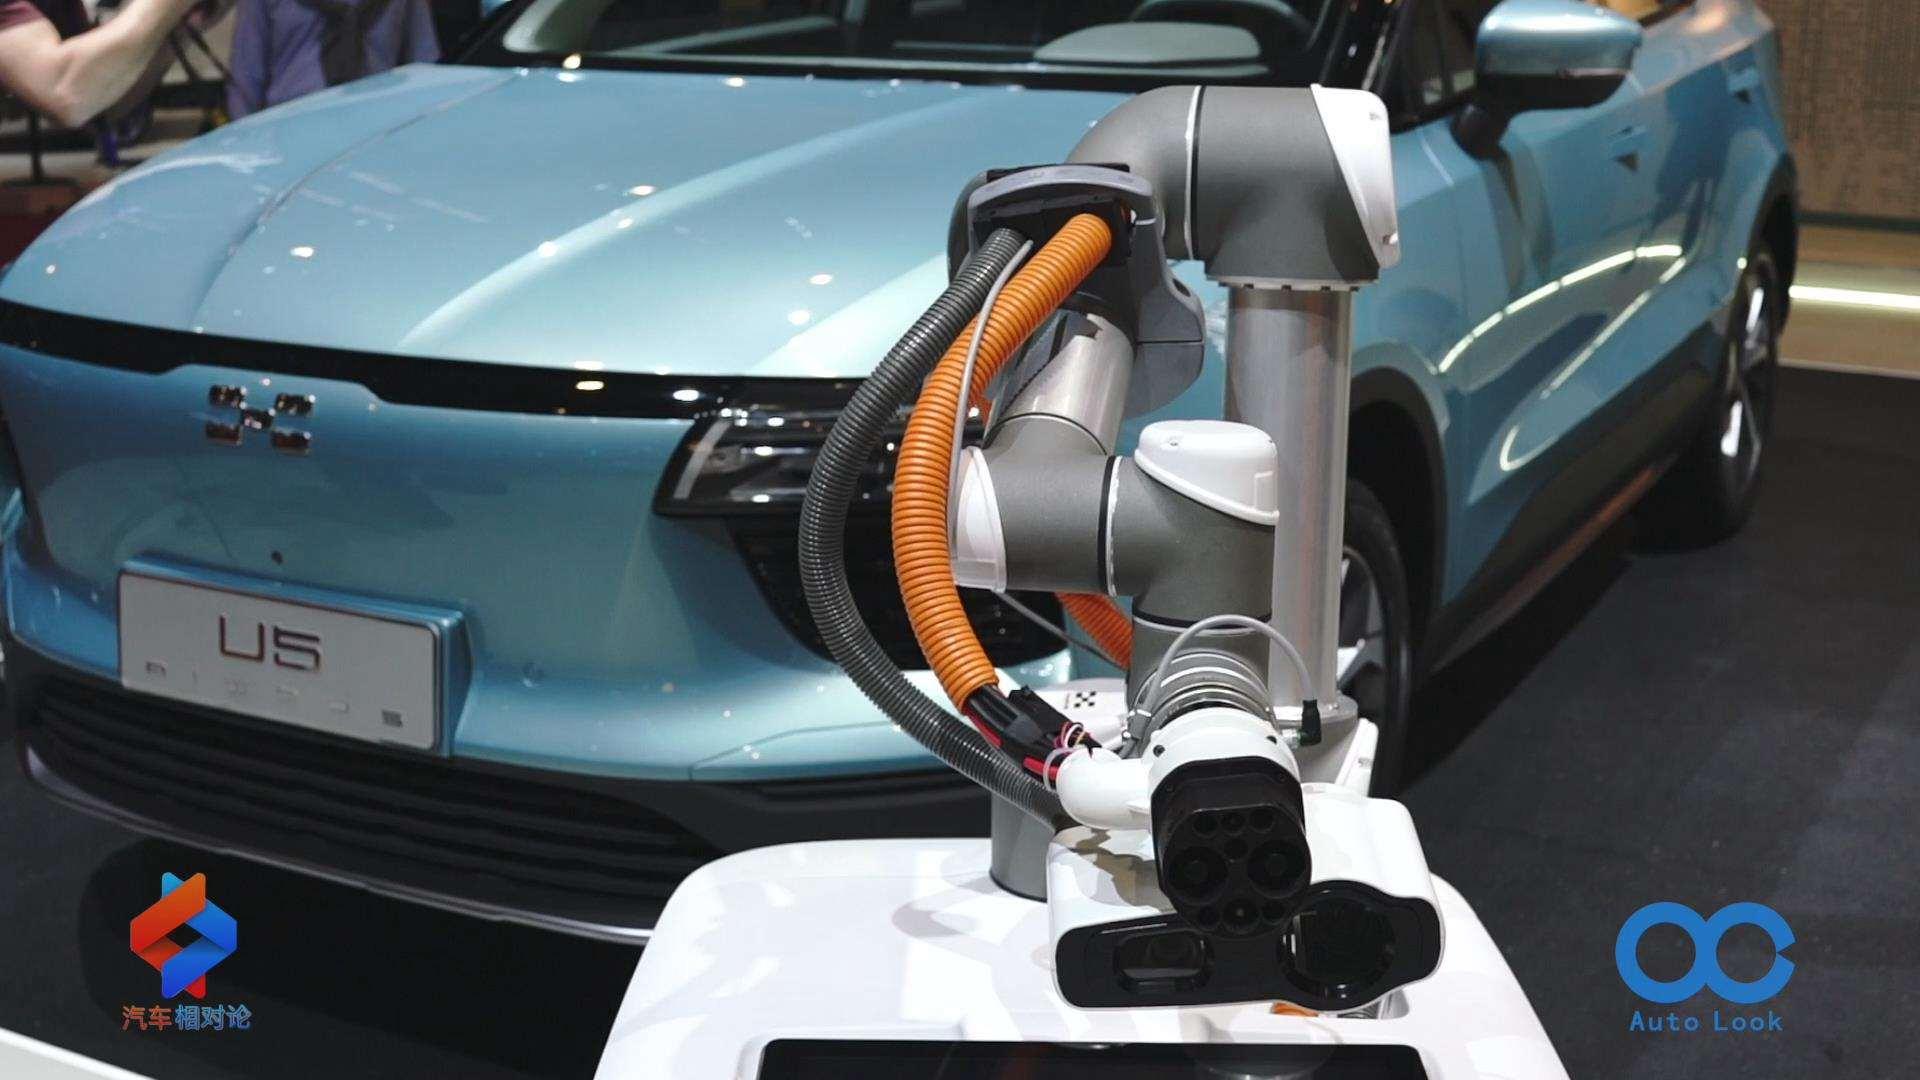 【在现场】2019日内瓦车展 爱驰汽车智能充电机器人